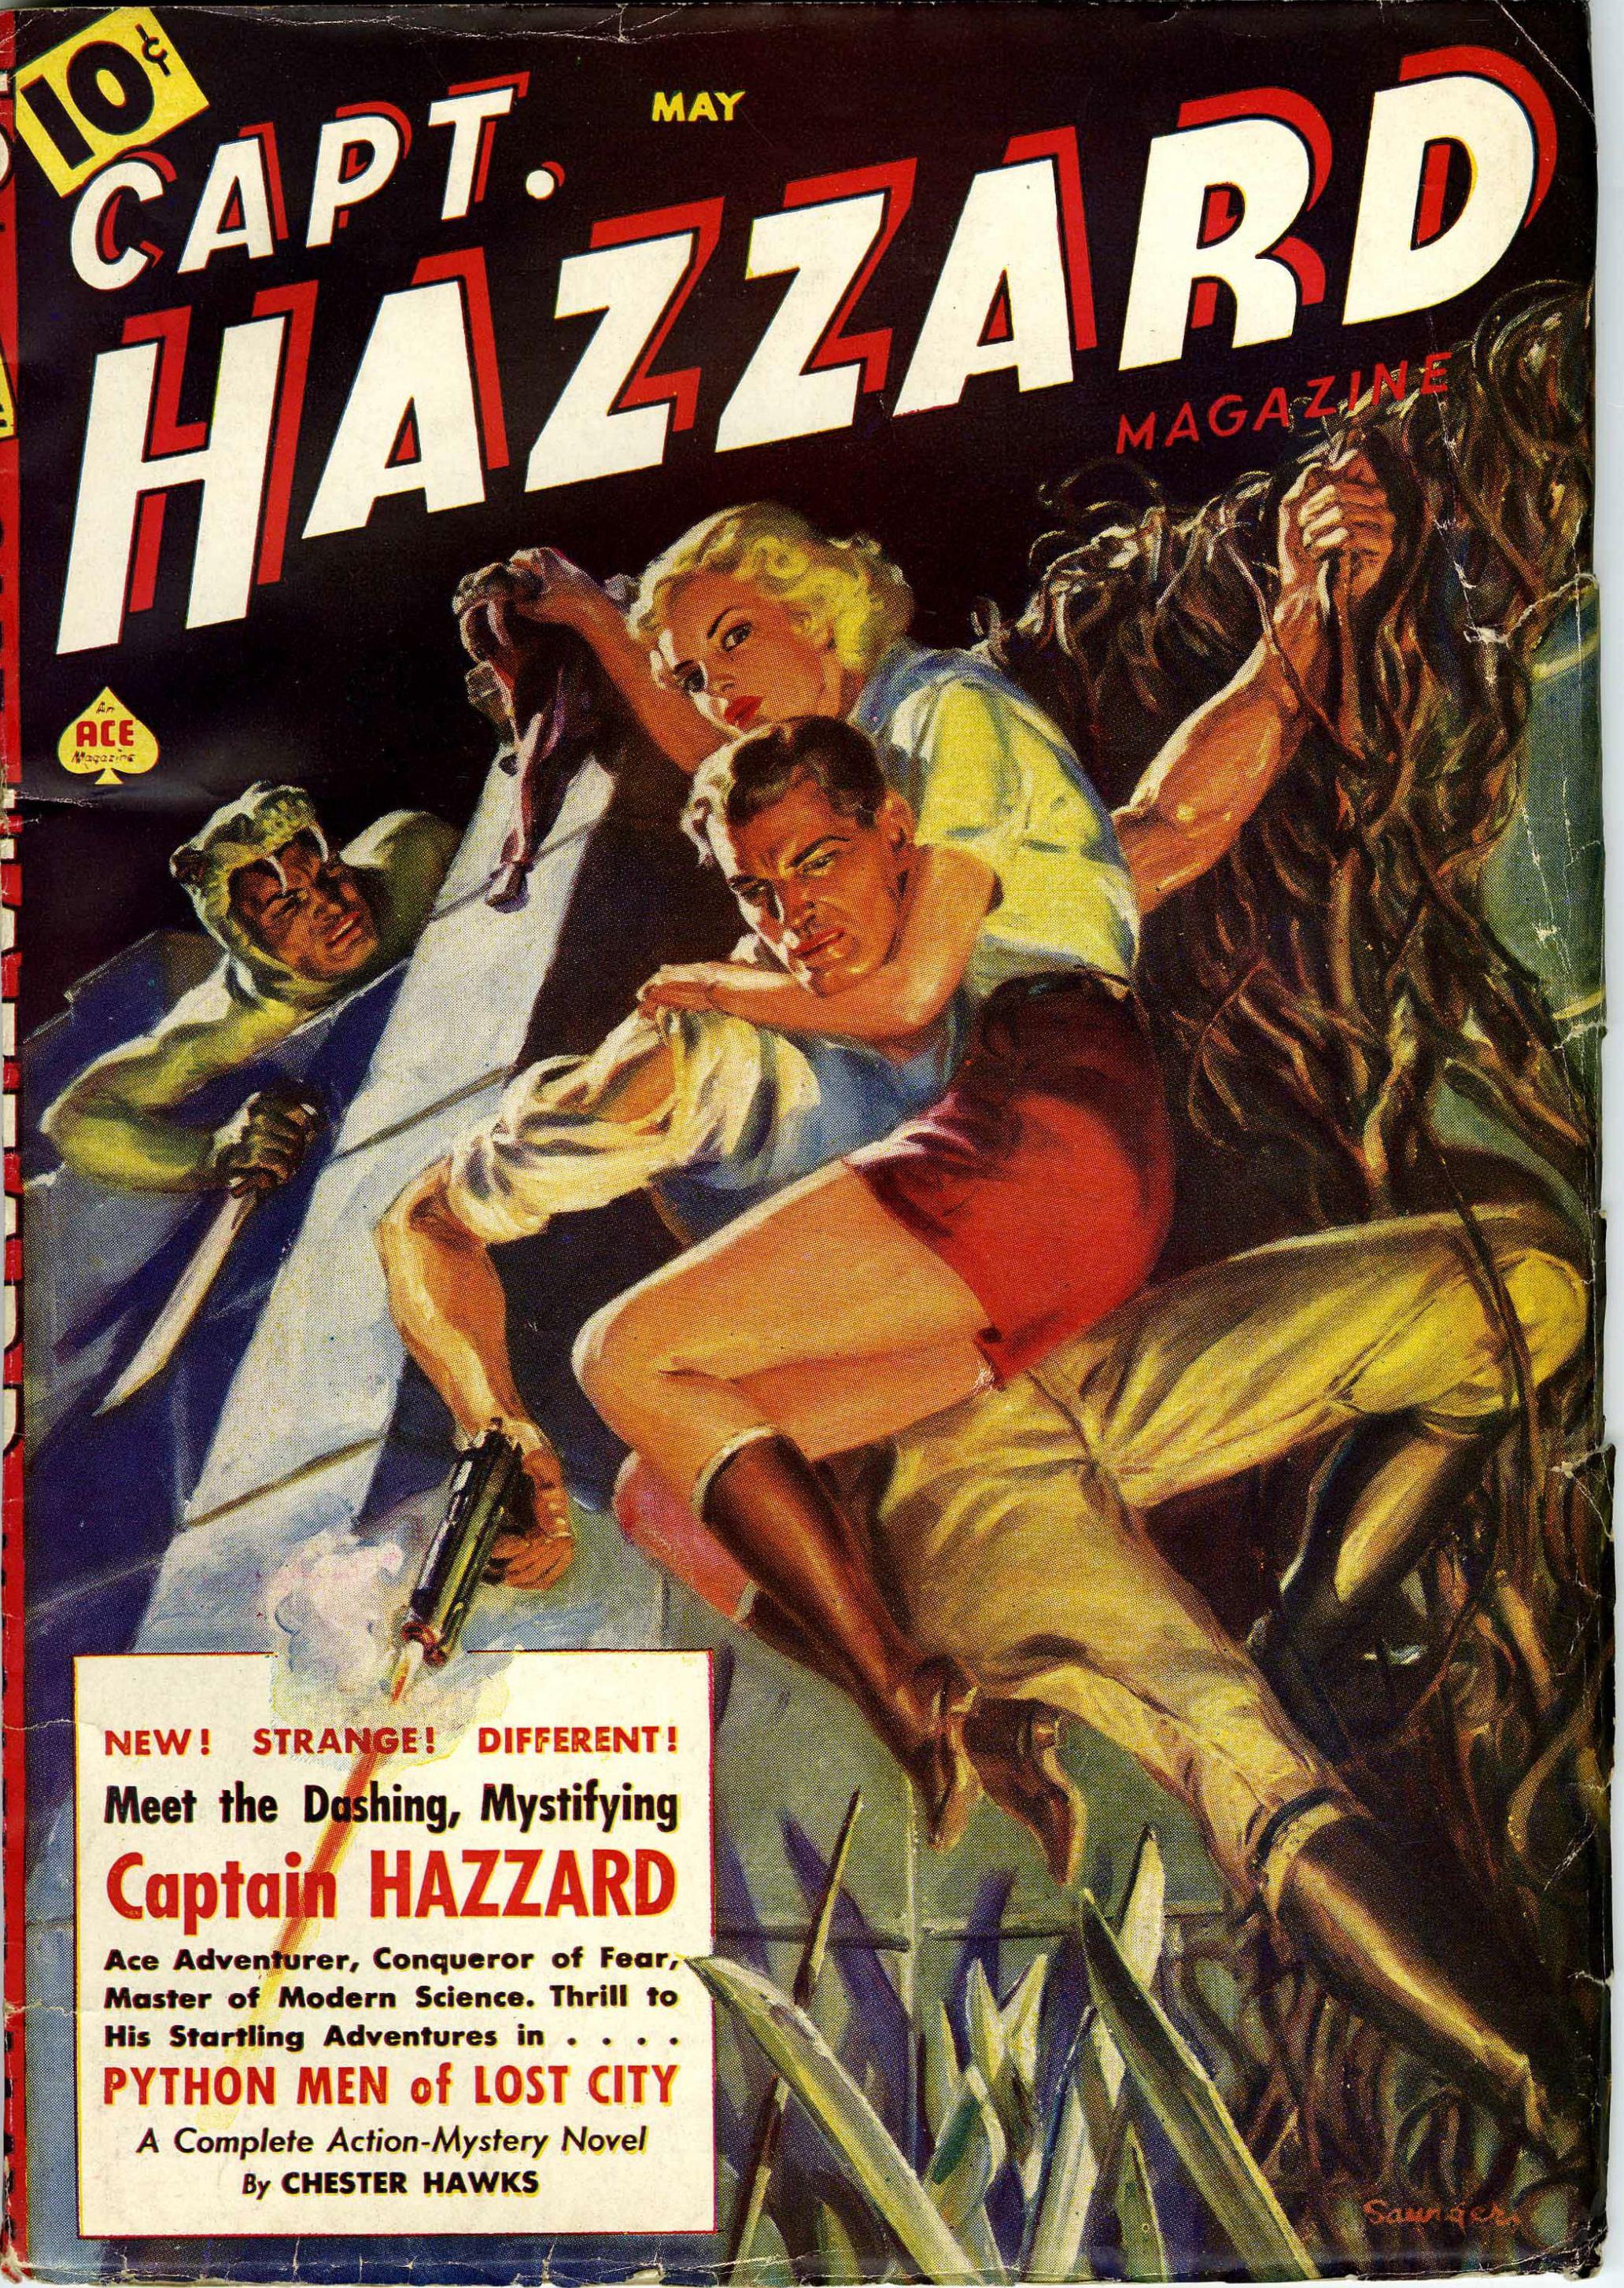 37496845-Captain_Hazzard_Magazine_V1#1_(Magazine_Publishers_Inc.,_1938)